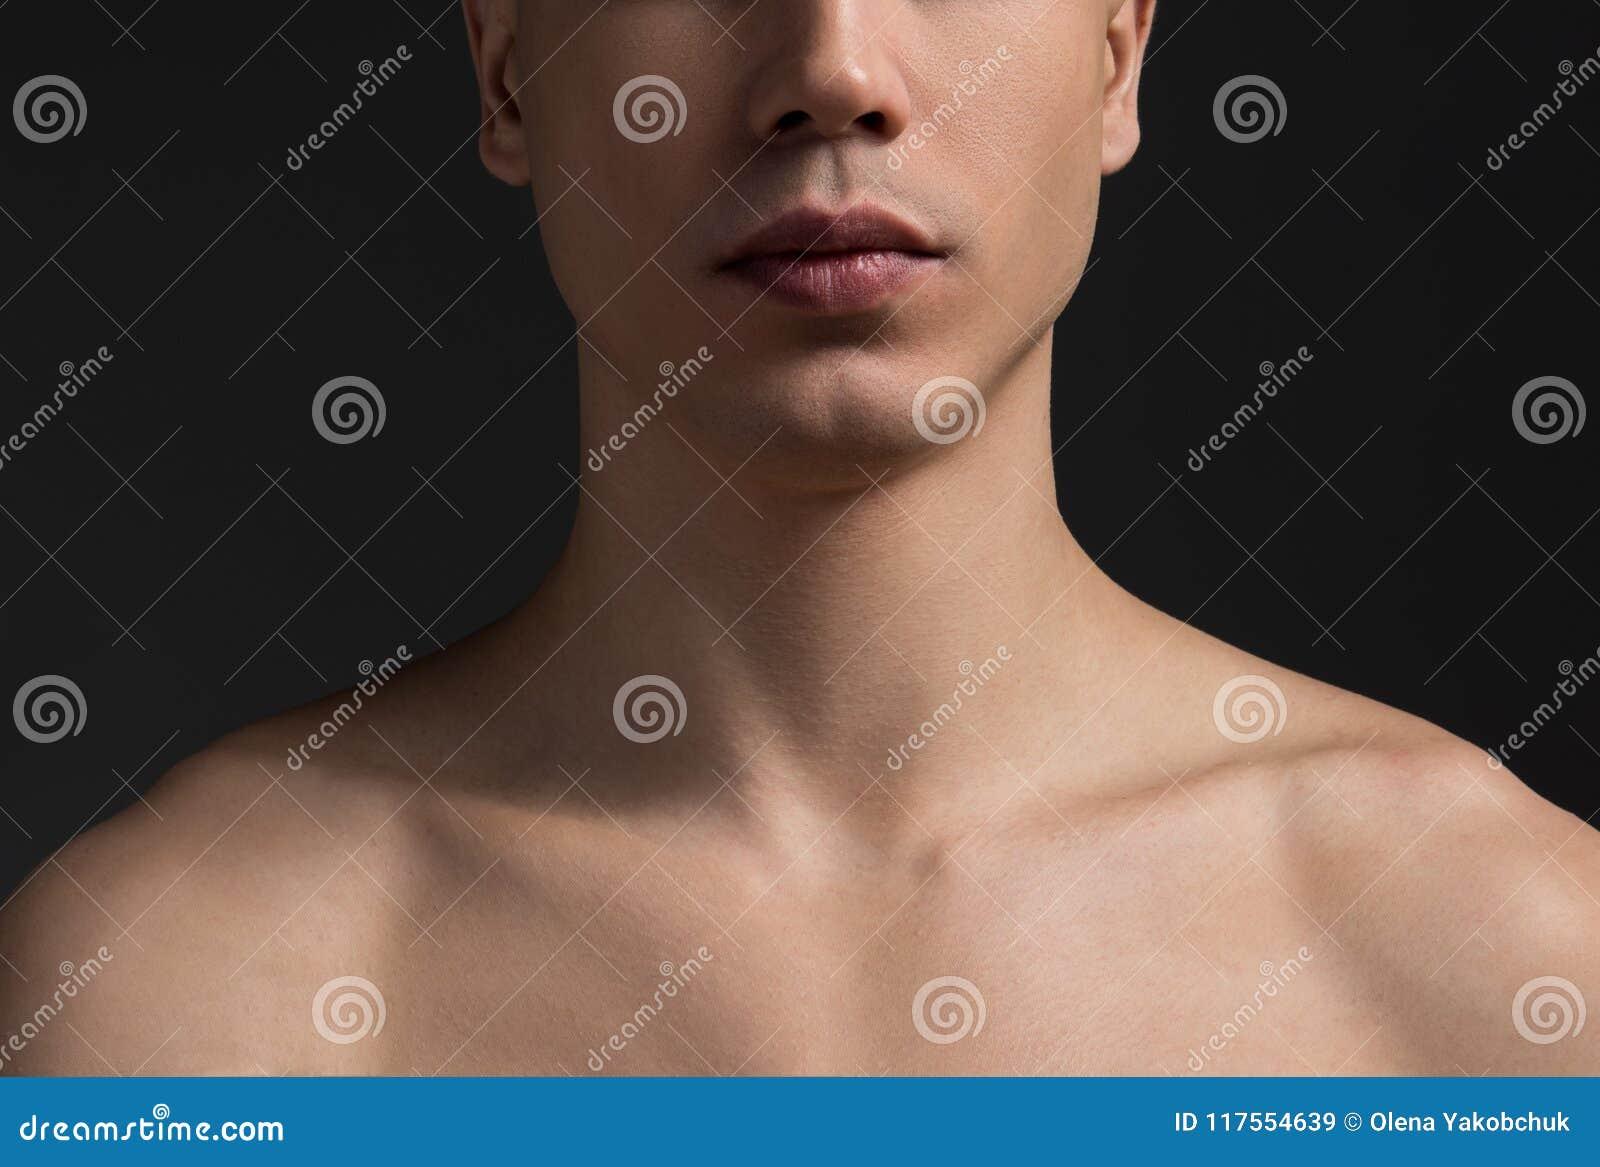 Hot body asians babe naked cum